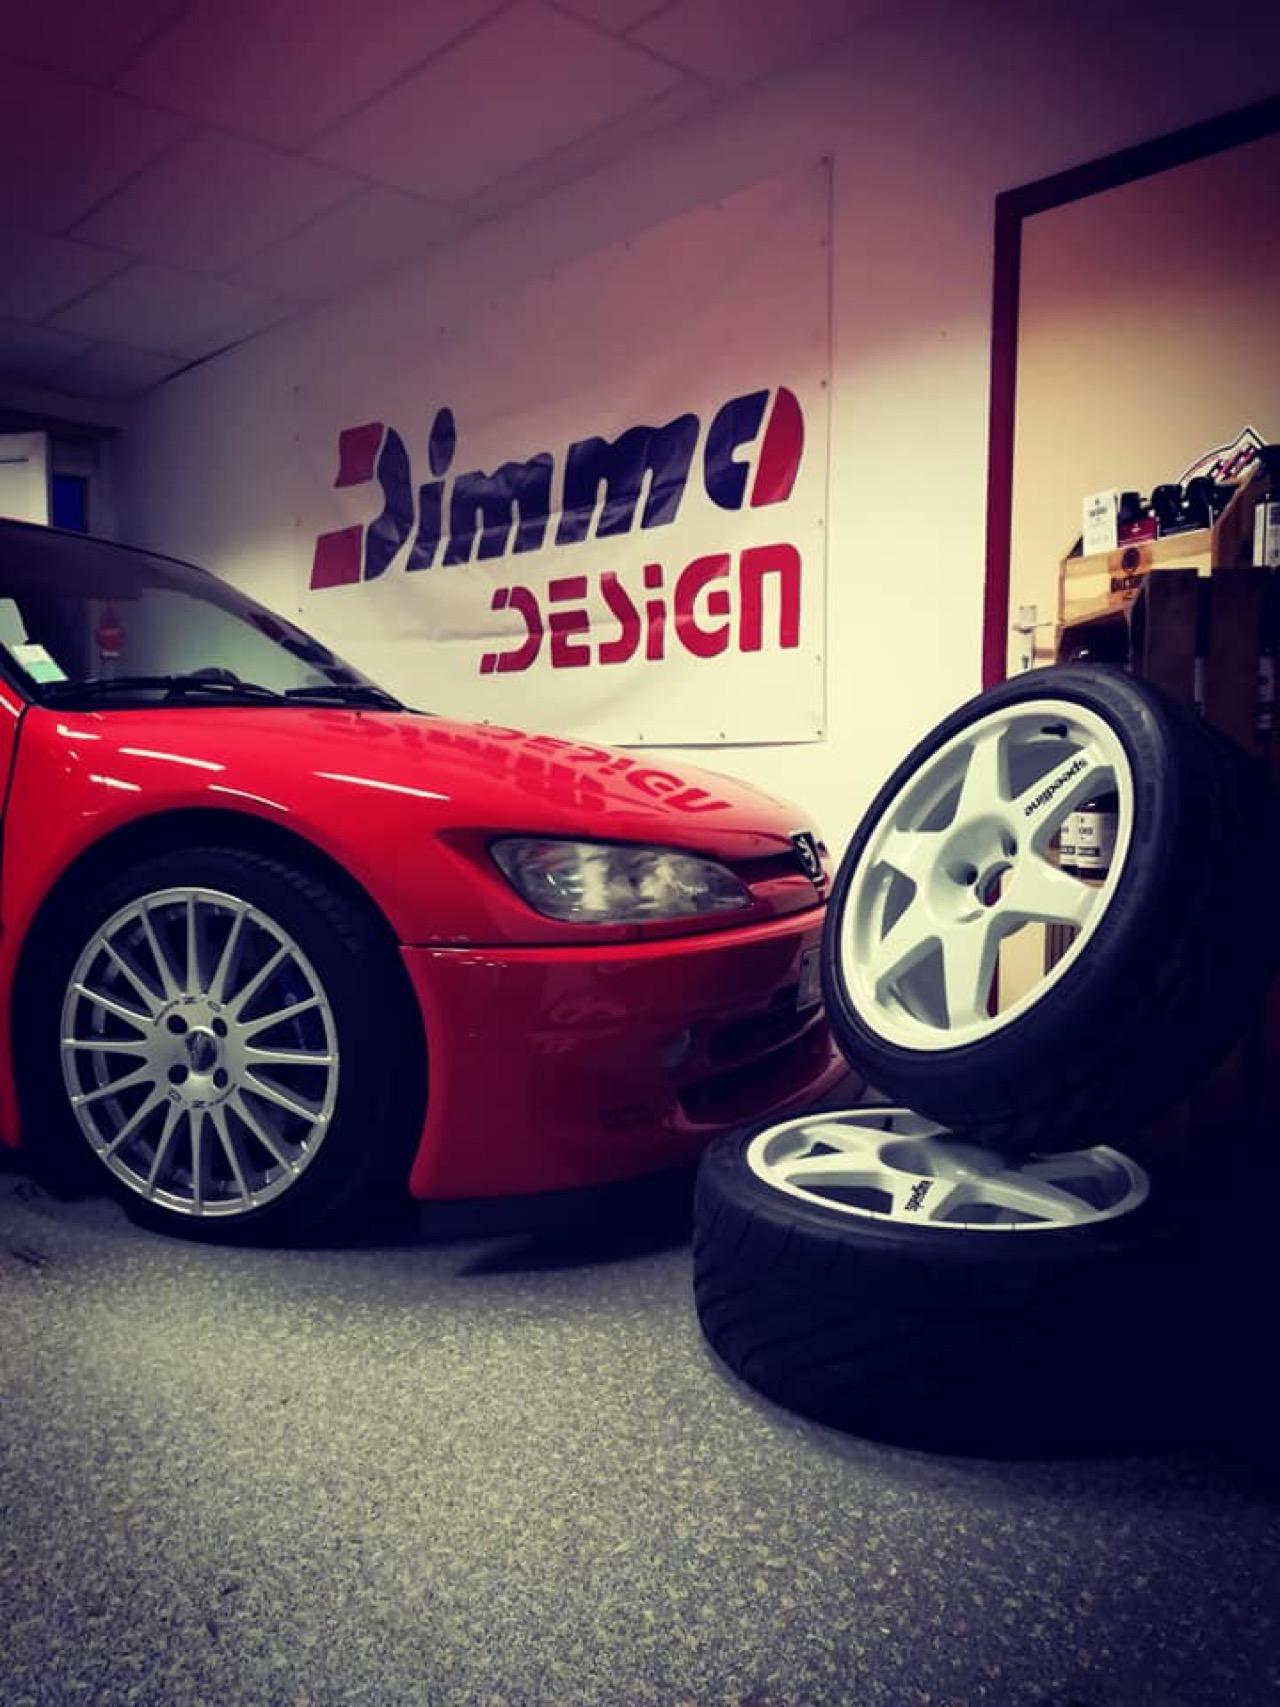 Peugeot 306 S16 - Fausse Le Mans ? Mais vraie Dimma ! 5